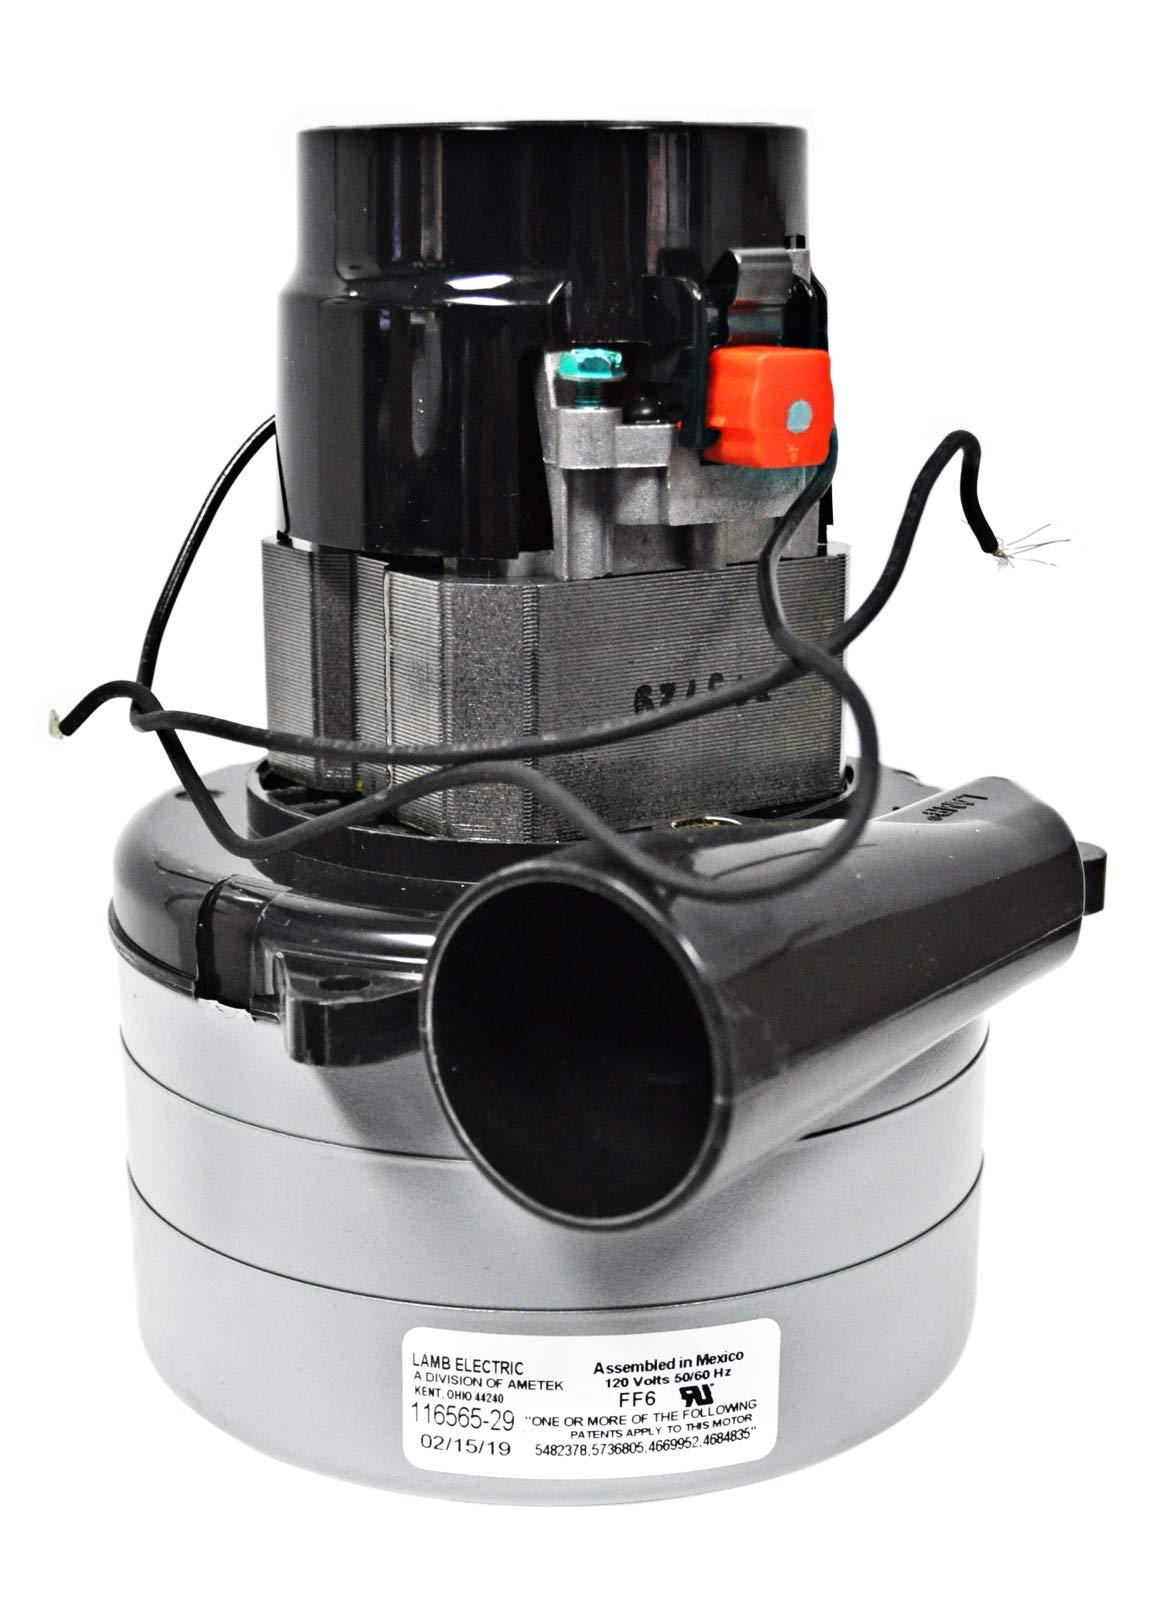 Ametek Lamb 5.7 Inch 120 Volt 3 Stage B/B Tangential Bypass Vacuum Motor 116565-29 by Ametek